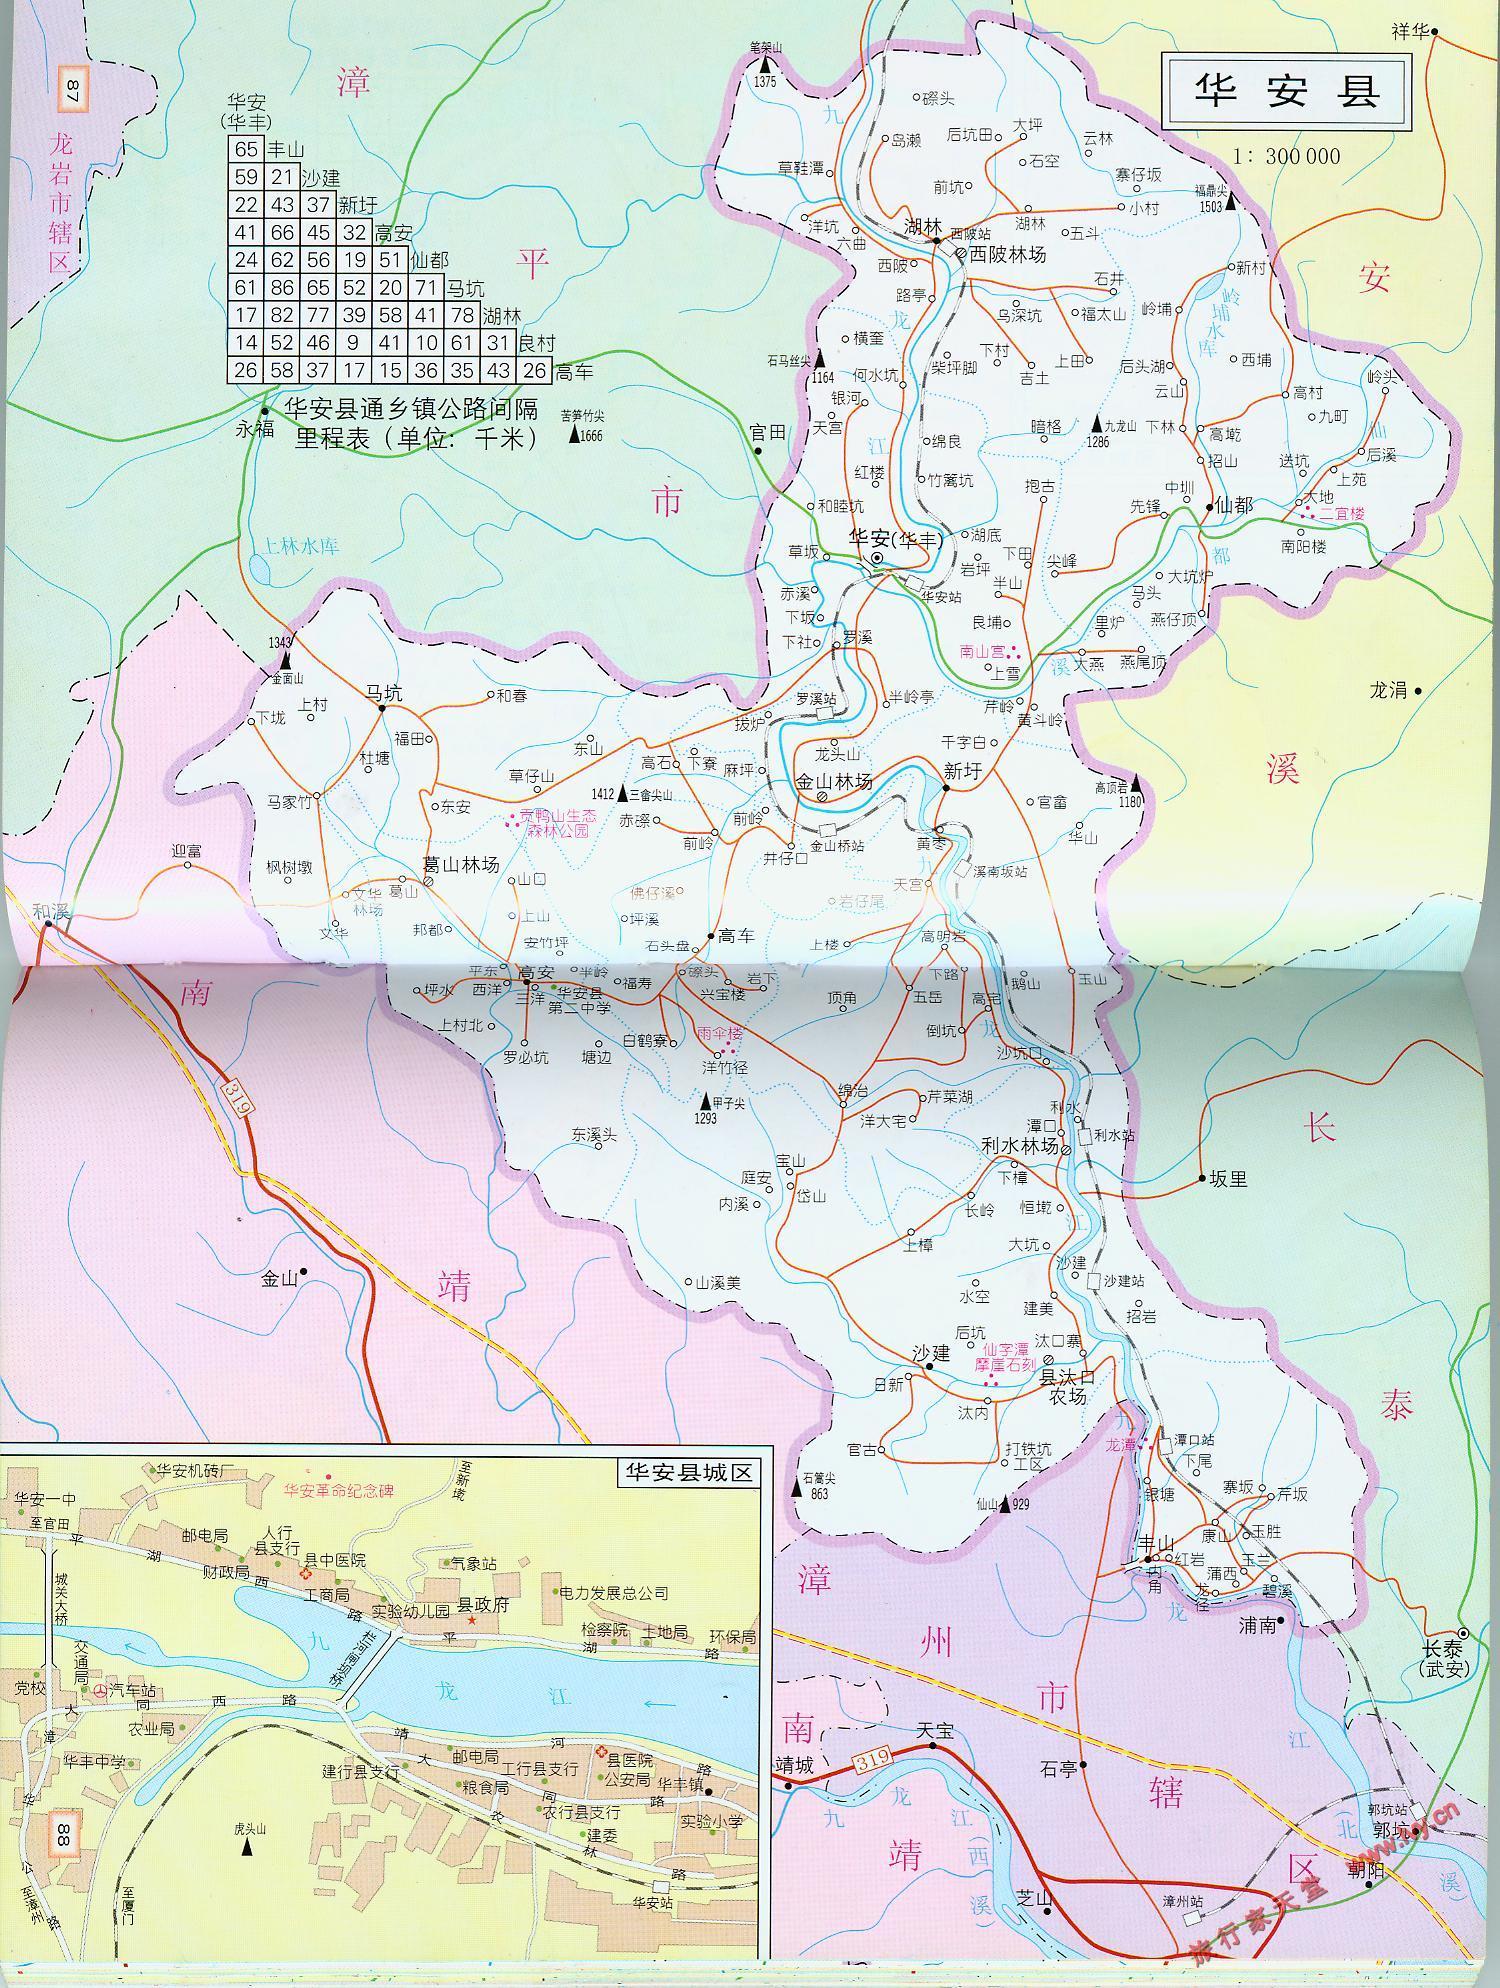 华安县交通地图_漳州地图库